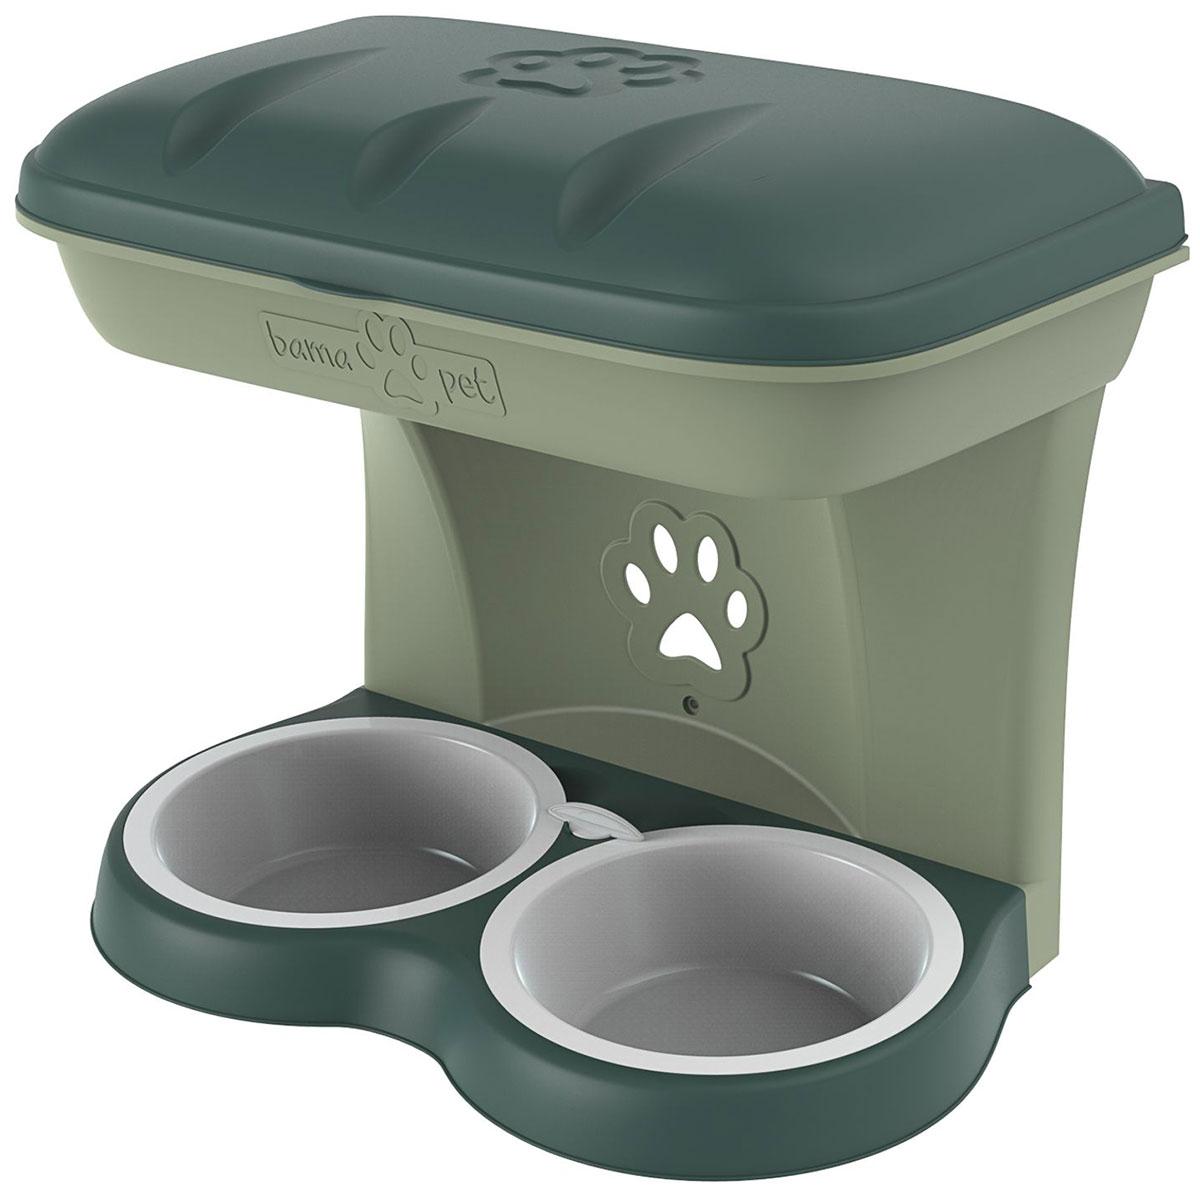 Миска настенная двойная для собак Bama Pet зеленая 1600 мл 48 х 27 х 42 см (1 шт)